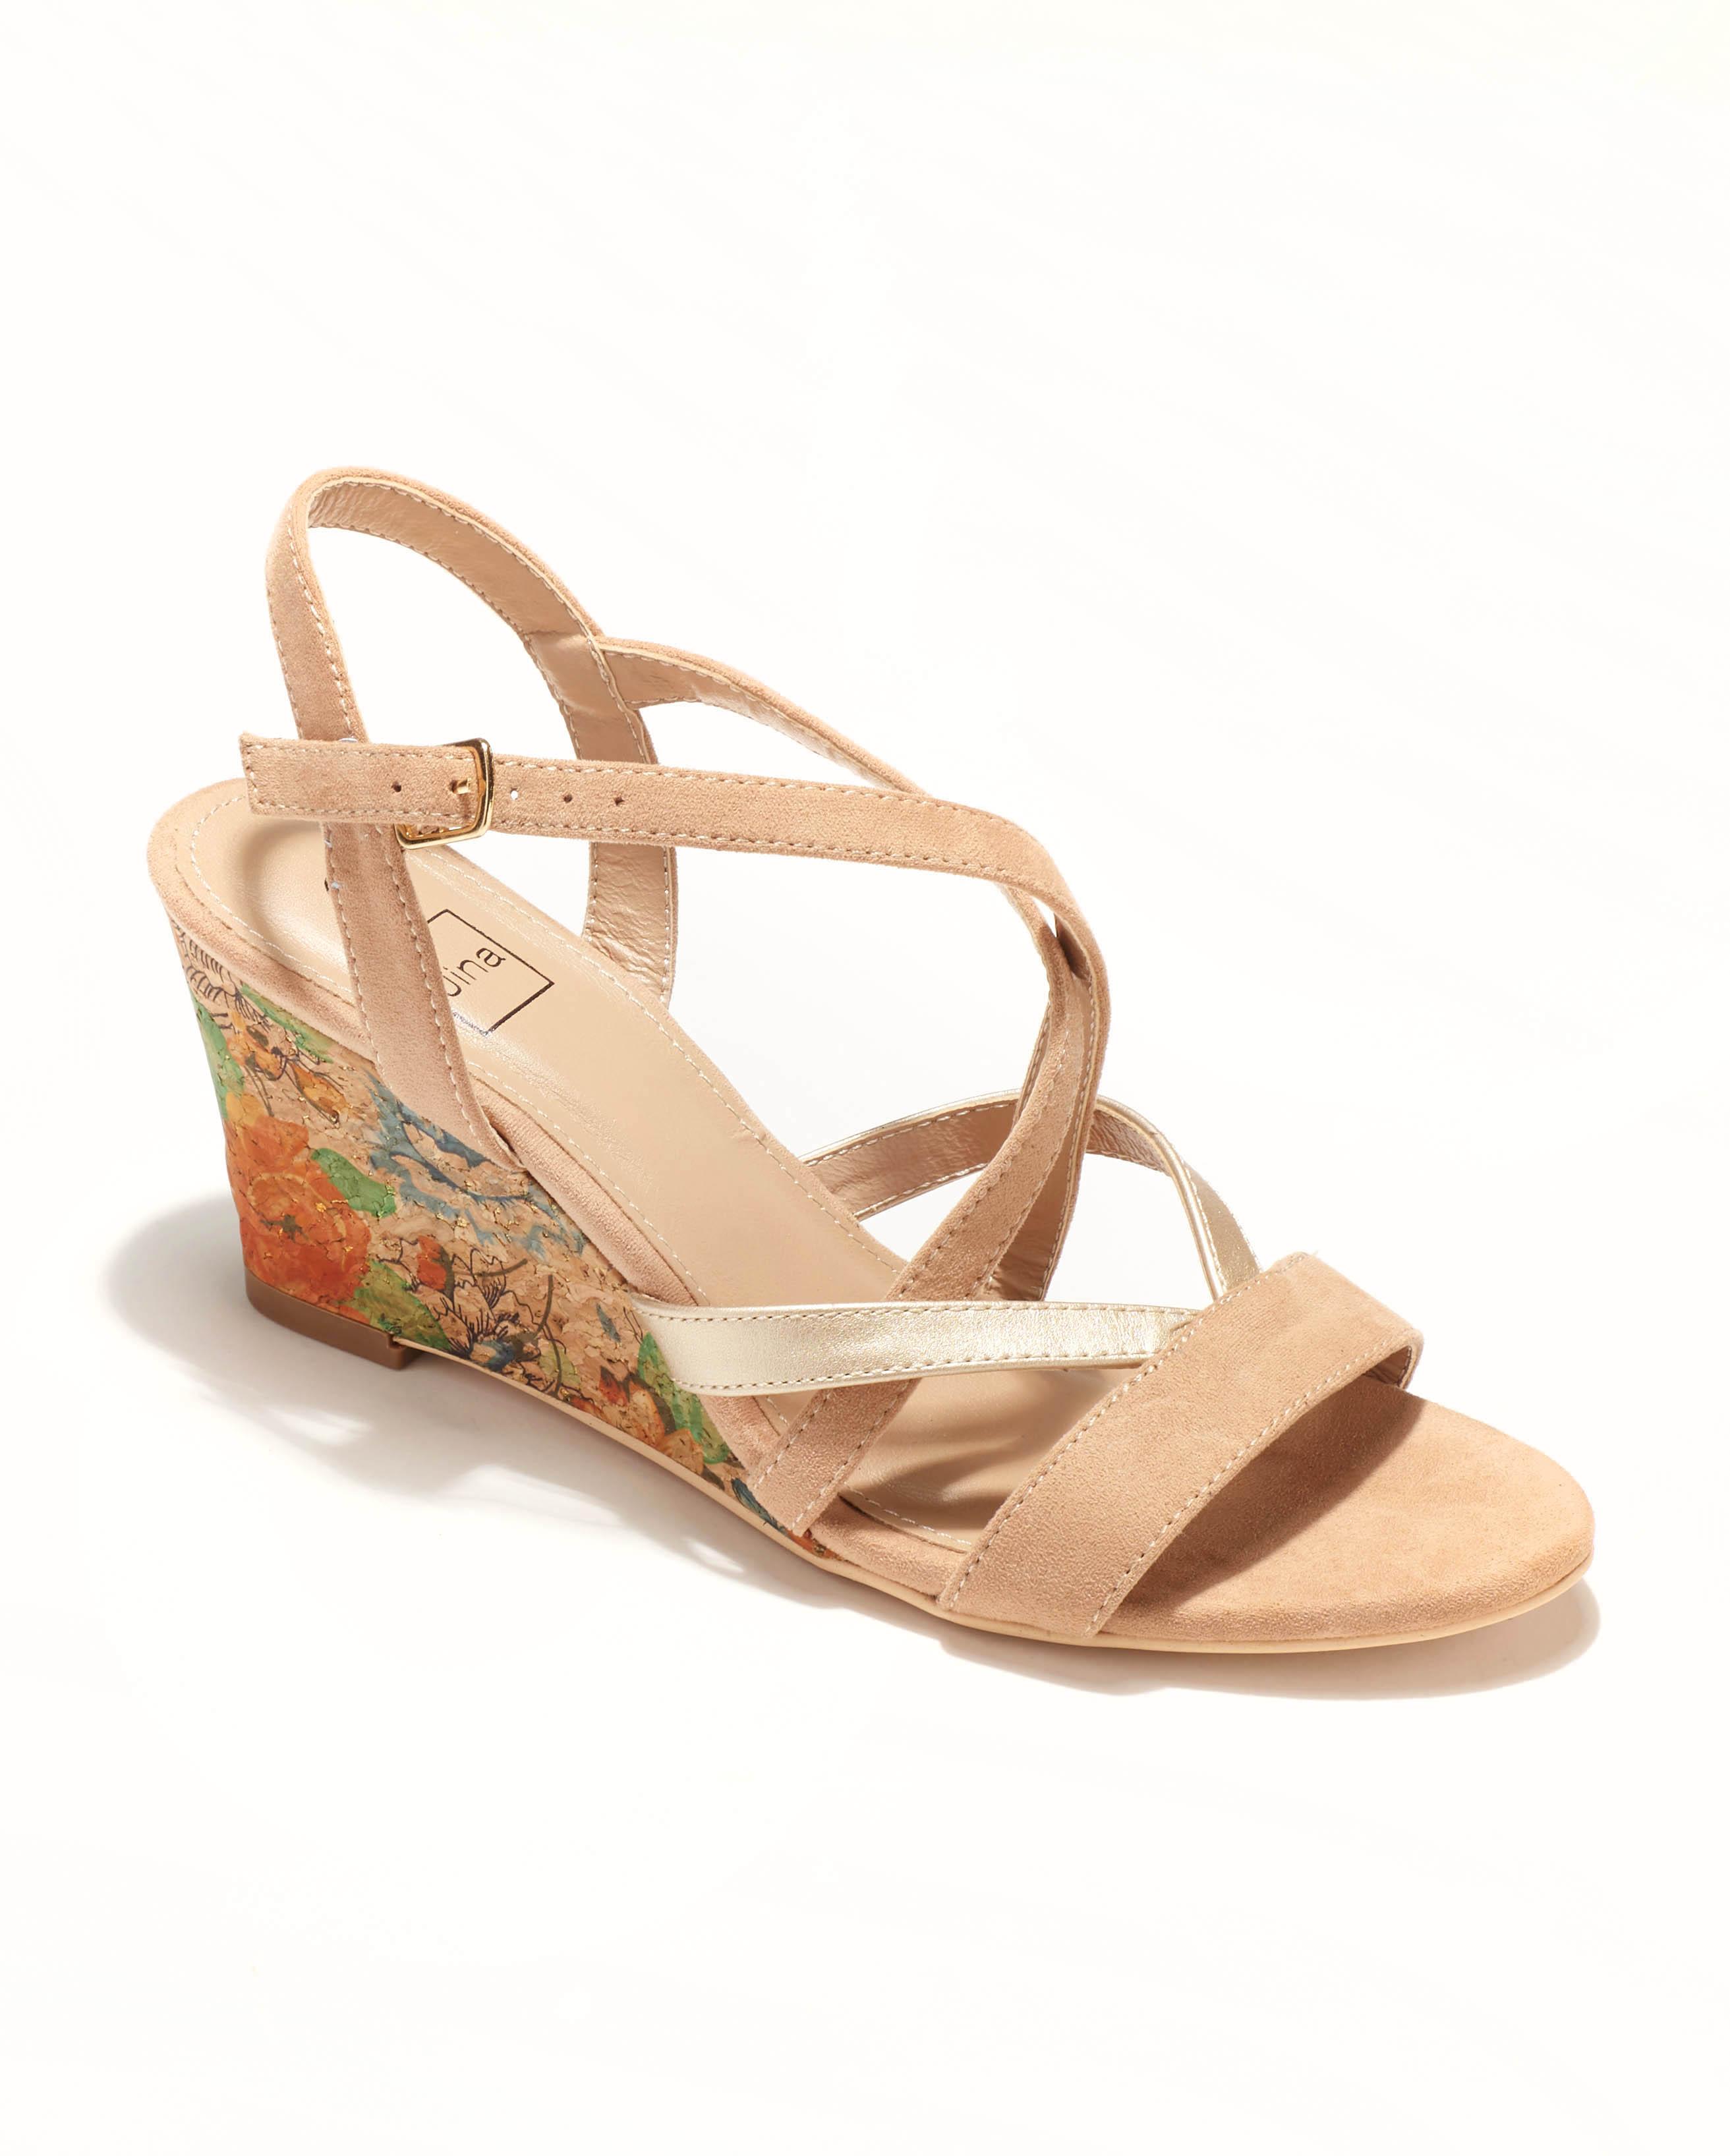 Sandales Compensées Femme - Sandale Talon Compensee Nude Jina - Sc15s-10